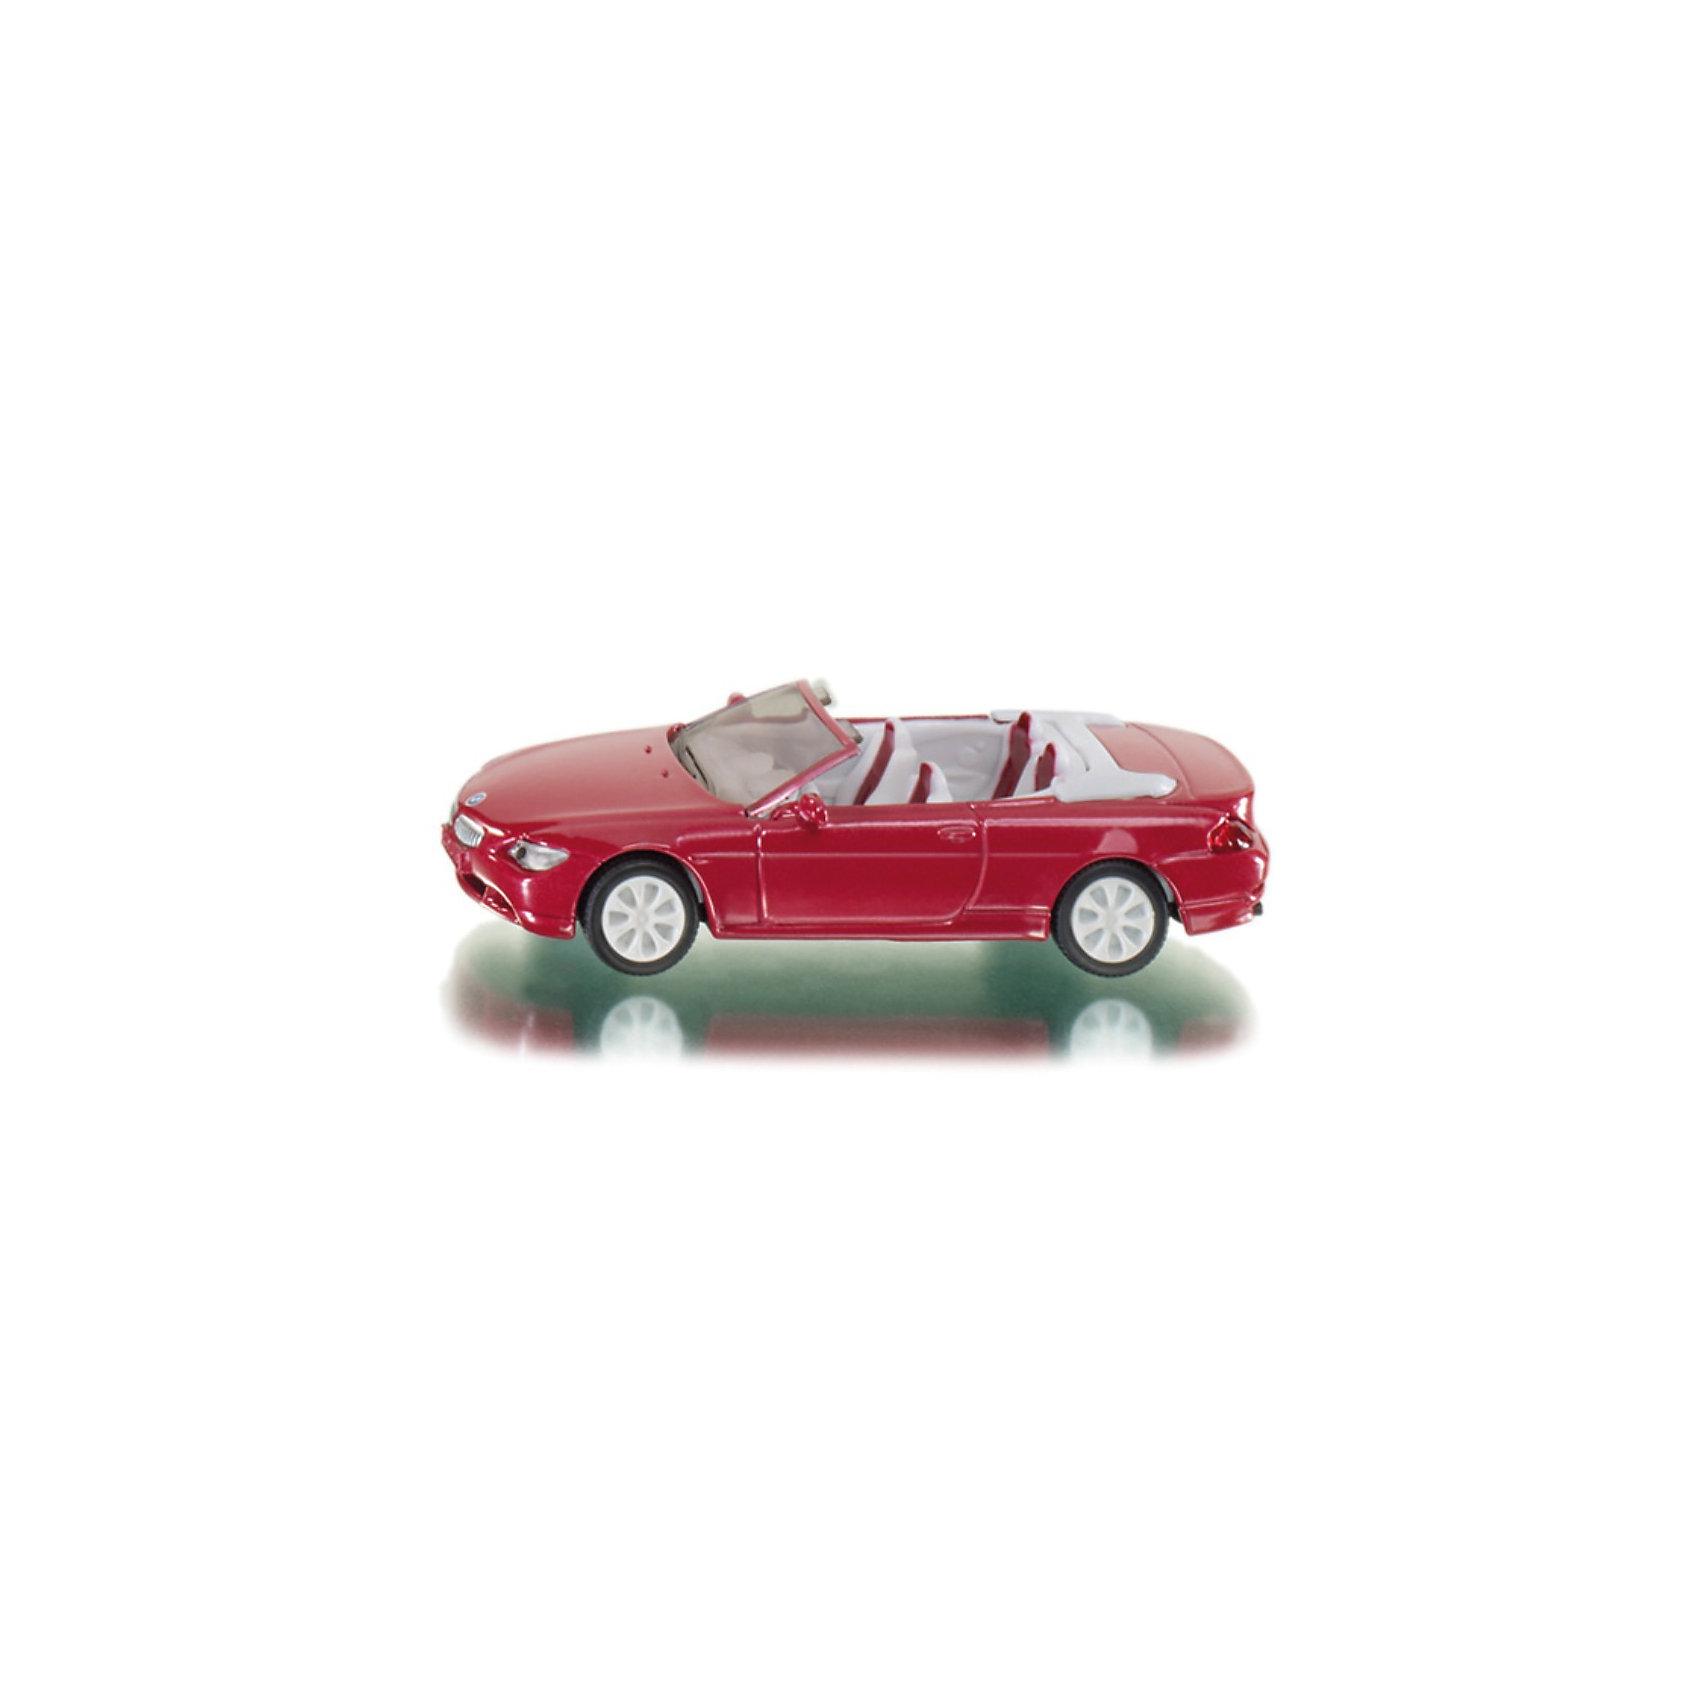 SIKU 1007 BMW 645i CabrioМашинки<br>BMW 645i Cabrio из серии Siku Super. <br><br>Открытый вариант новой BMW 645i представляет собой стильный и изысканный кабриолет. Теперь этот автомобиль присутствует и в ассортименте моделей SIKU. Колеса с резиновыми протекторами обеспечивают комфорт при езде. Диски соответствуют оригинальным вплоть до деталей. Вставные передние и задние фары из пластмассы.<br><br>Игрушечные модели SIKU уже более 50 лет отличаются высоким качеством и безопасностью. Они имеют сертификаты T?V и GS, изготавливаются в соответствии с актуальными предписаниями по безопасности и отмечены знаком SPIEL GUT.<br><br><br>Д/Ш/В: 89x38x24 мм<br><br>+++Примечание+++<br>Фирма SIKU оставляет за собой право на изменение цвета и технических характеристик моделей. При демонстрации новинок в ряде случаев используются оригинальные фотографии и прототипы. Поставляемая модель может отличаться от представленной на фотографии.<br><br>Ширина мм: 97<br>Глубина мм: 76<br>Высота мм: 35<br>Вес г: 49<br>Возраст от месяцев: 36<br>Возраст до месяцев: 96<br>Пол: Мужской<br>Возраст: Детский<br>SKU: 1519985